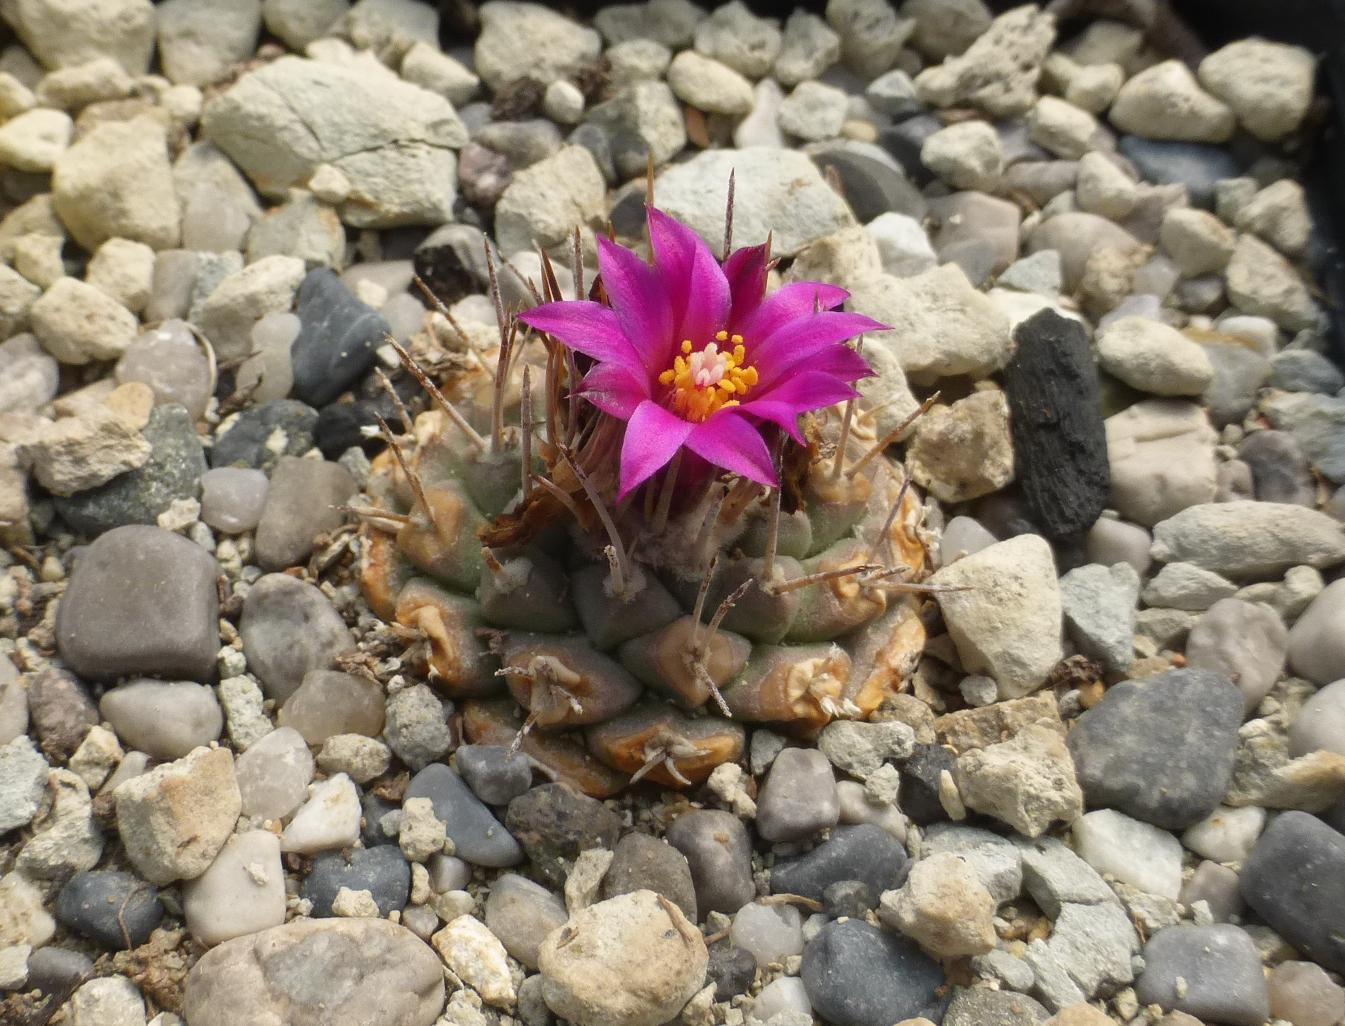 Strombocactus disciformis ssp esperanzae (pulcherrimus)